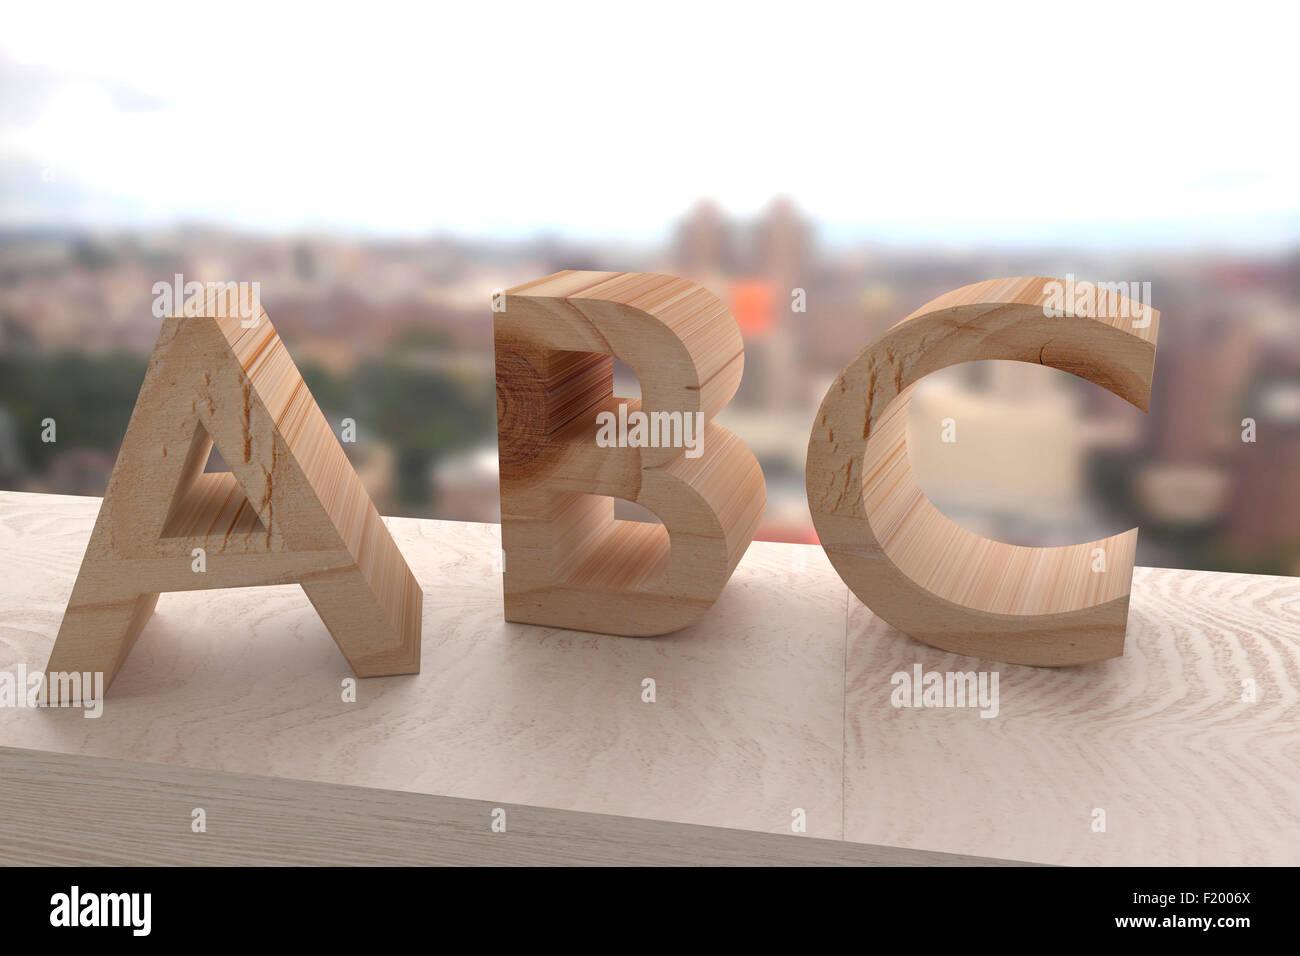 Representación 3D de una madera letras ABC Imagen De Stock